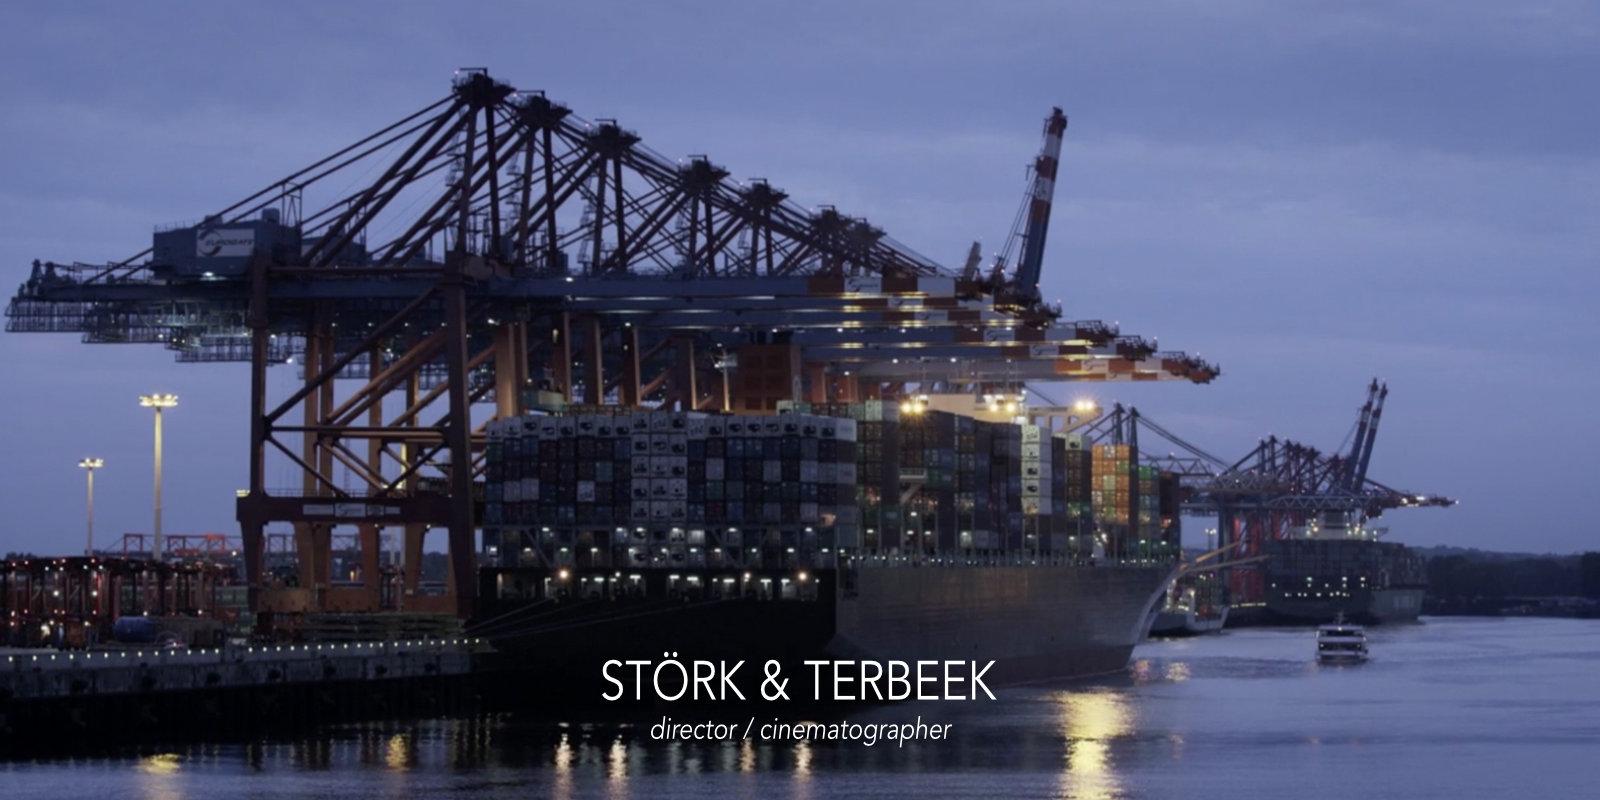 Stoerk & Terbeek Imagefilm - Regie und Kamera / Directed and Cinematography by Sören Schulz